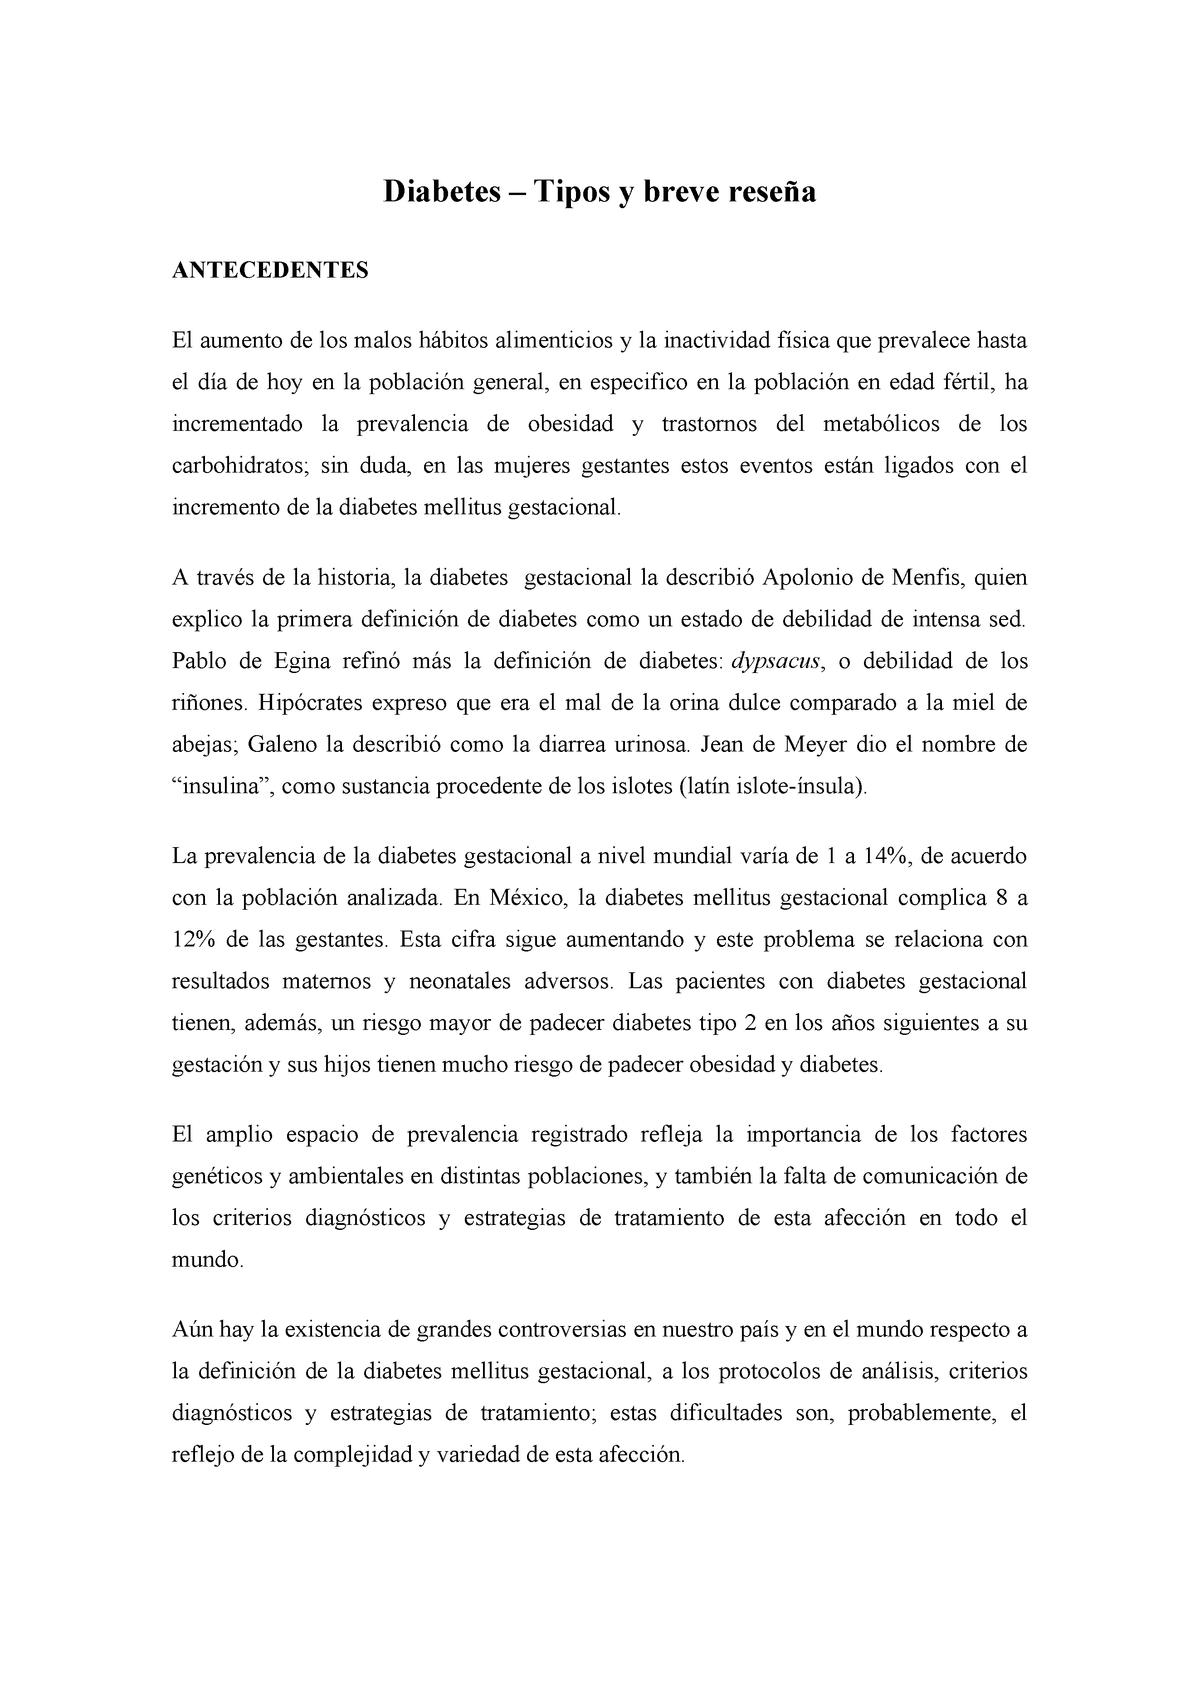 protocolo de investigación de diabetes gestacional